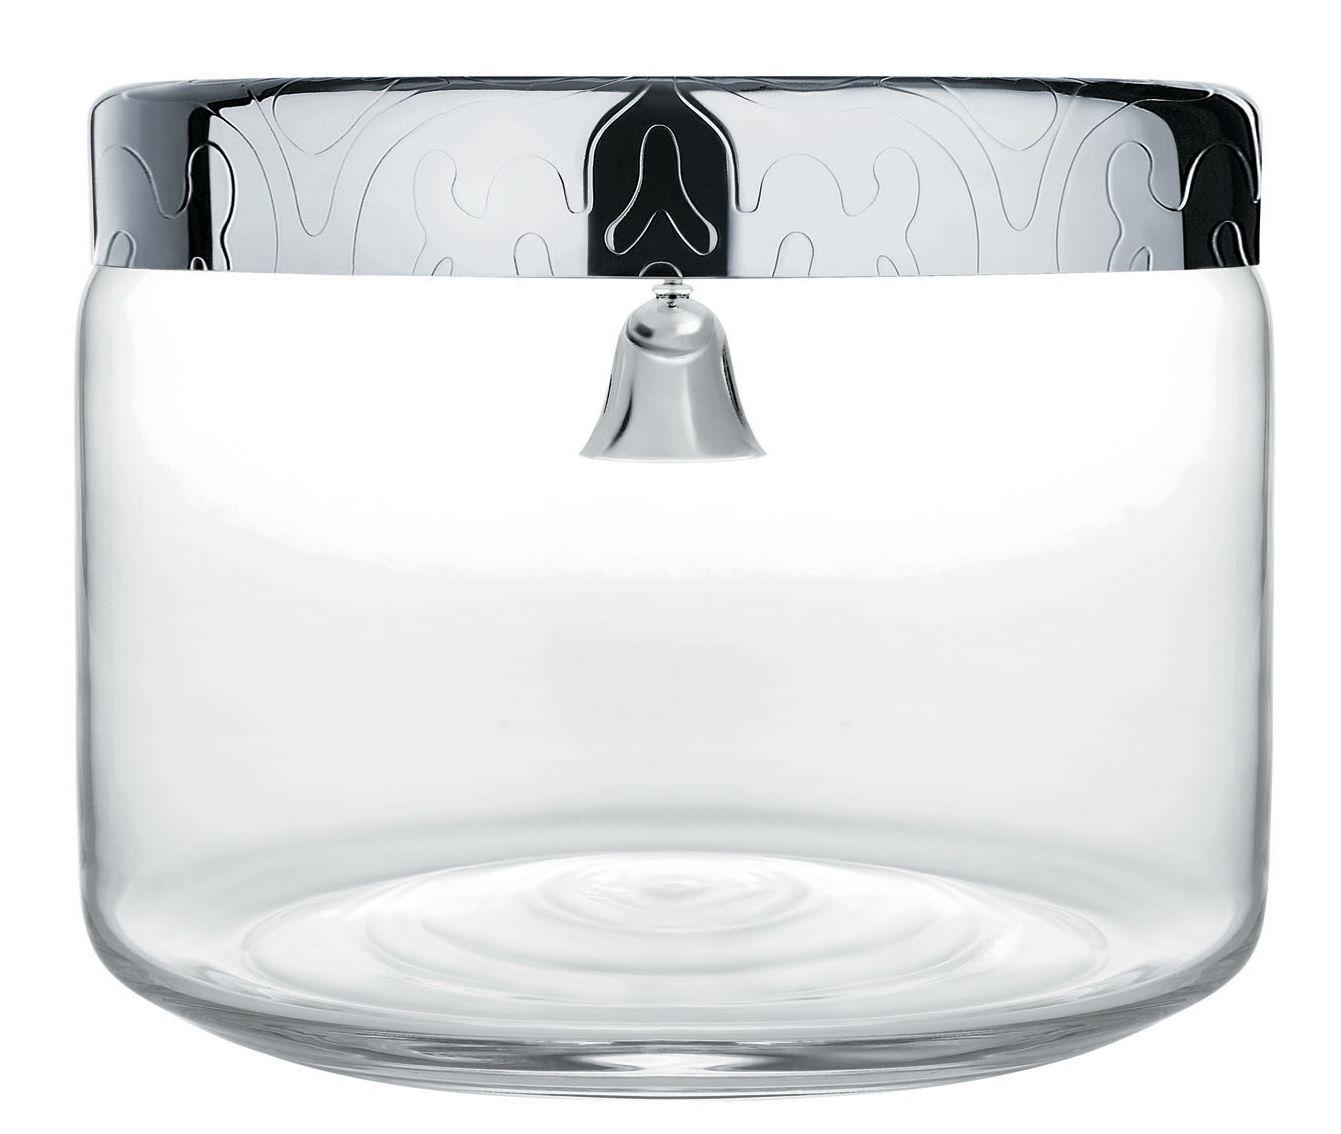 Cuisine - Boîtes, pots et bocaux - Boîte à biscuits Dressed / Ø  19 x H 15 cm - Alessi - Transparent / Acier - Acier inoxydable, Verre